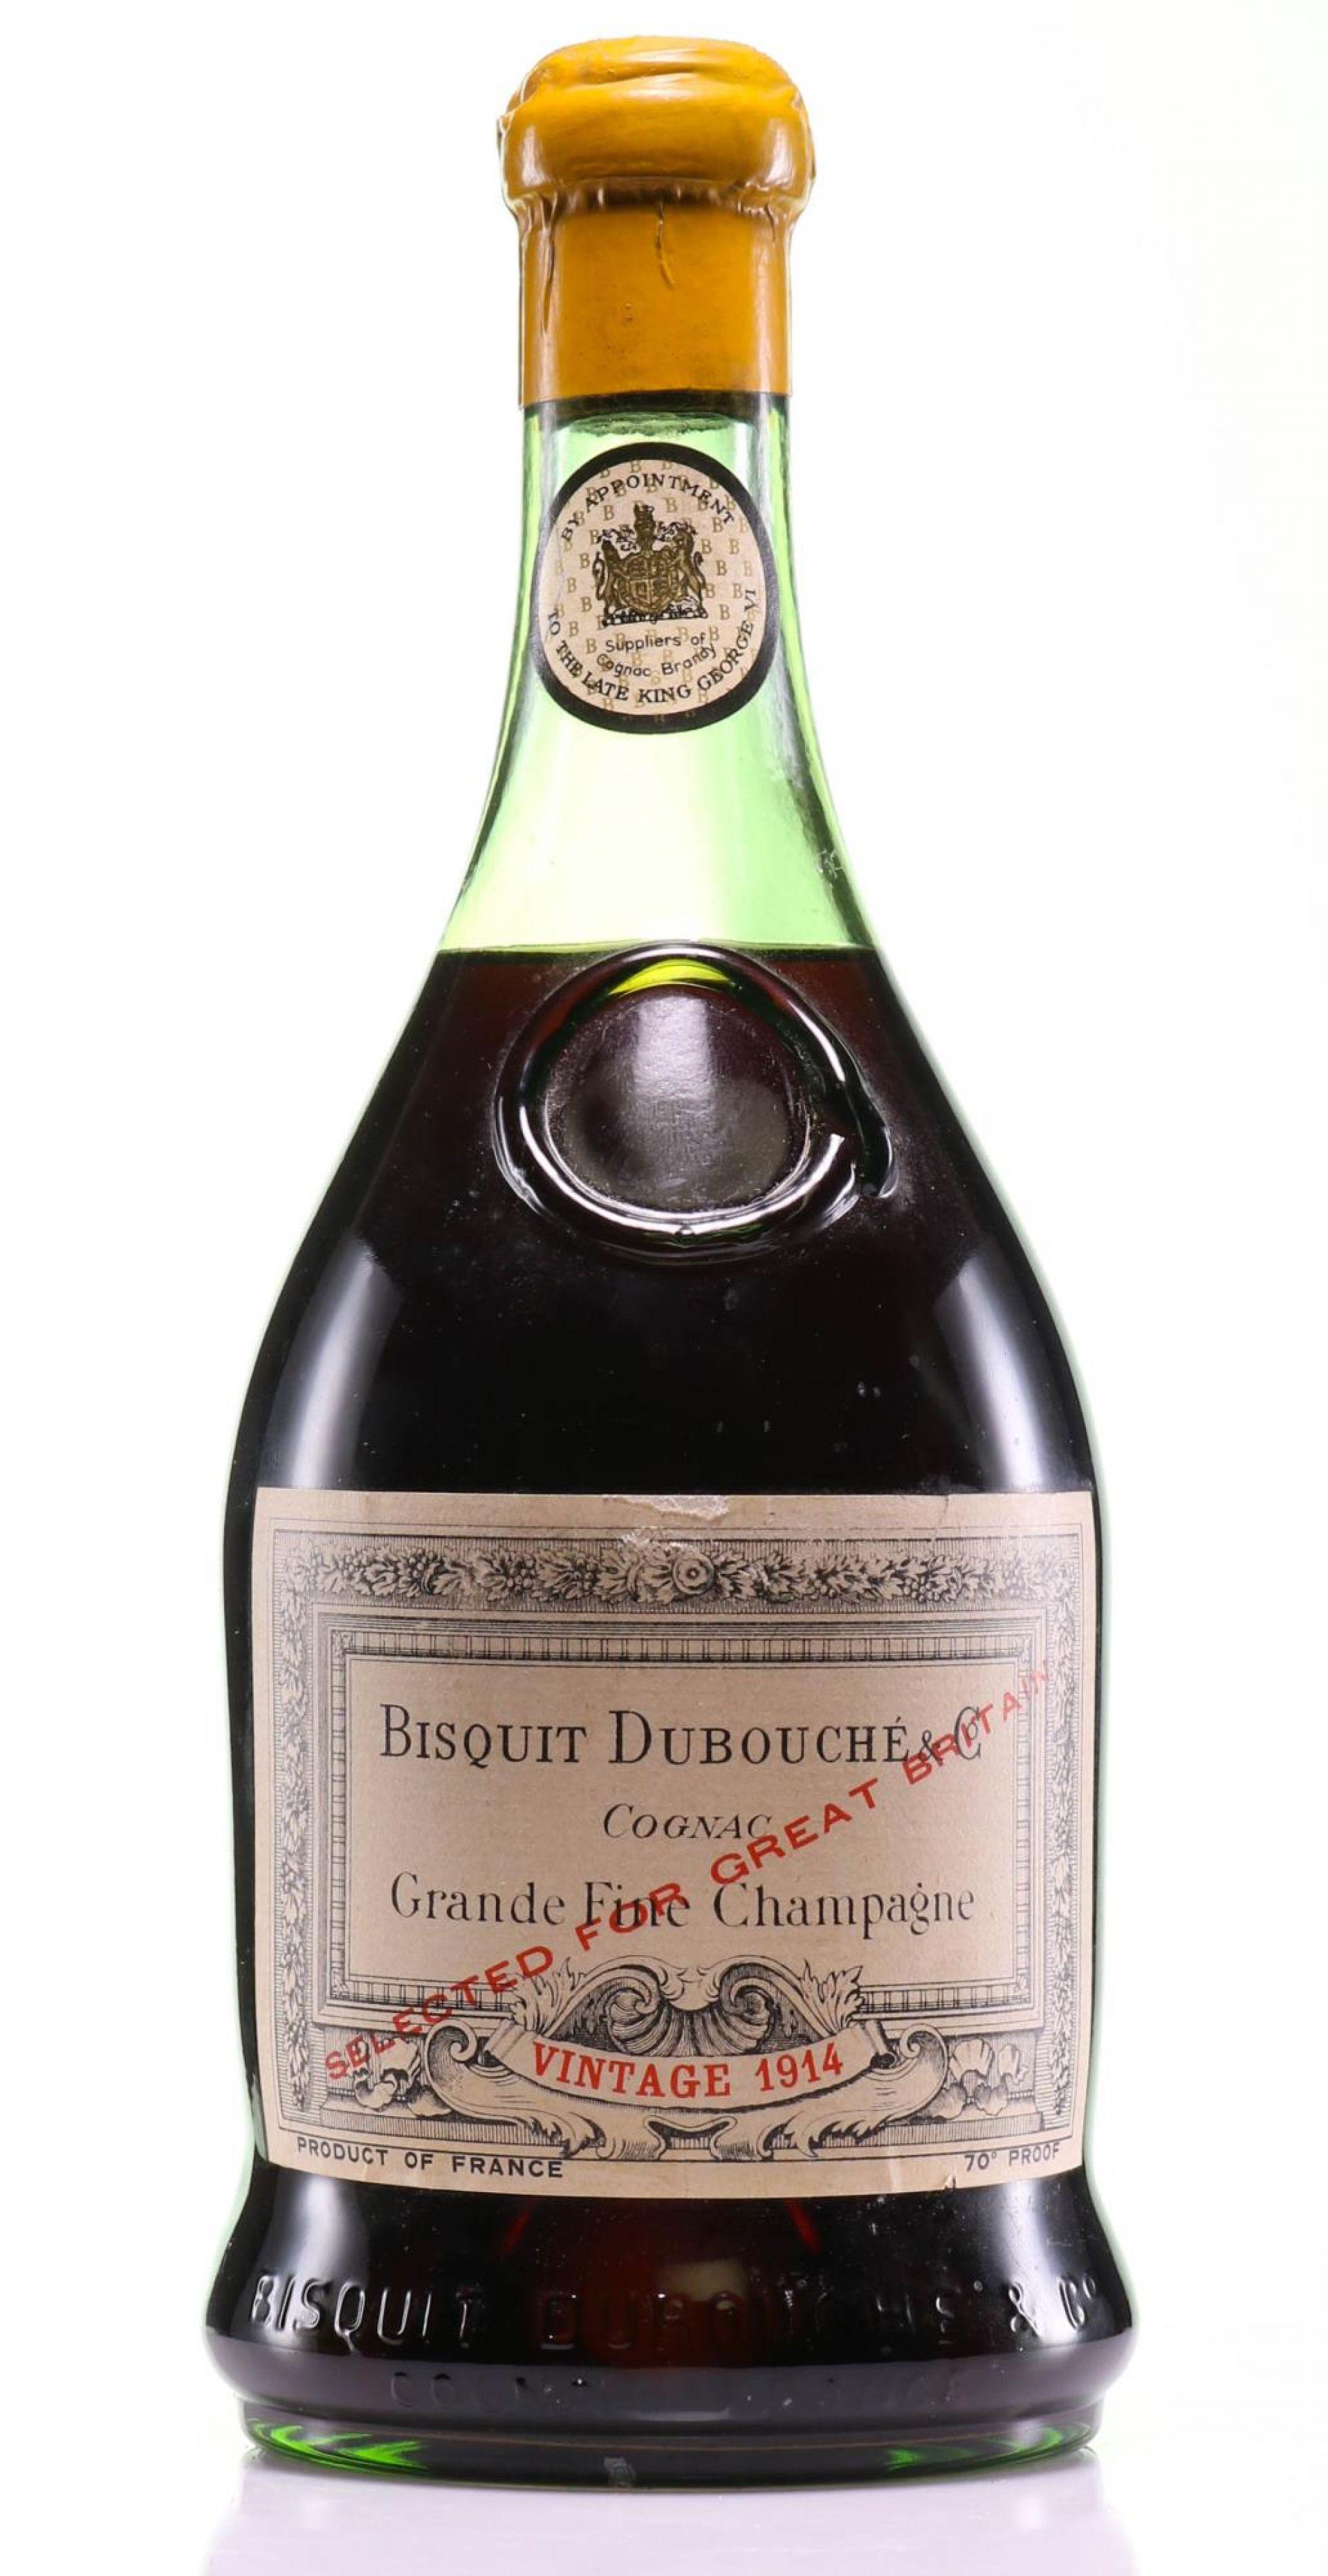 Cognac 1914 Bisquit Dubouché & Co